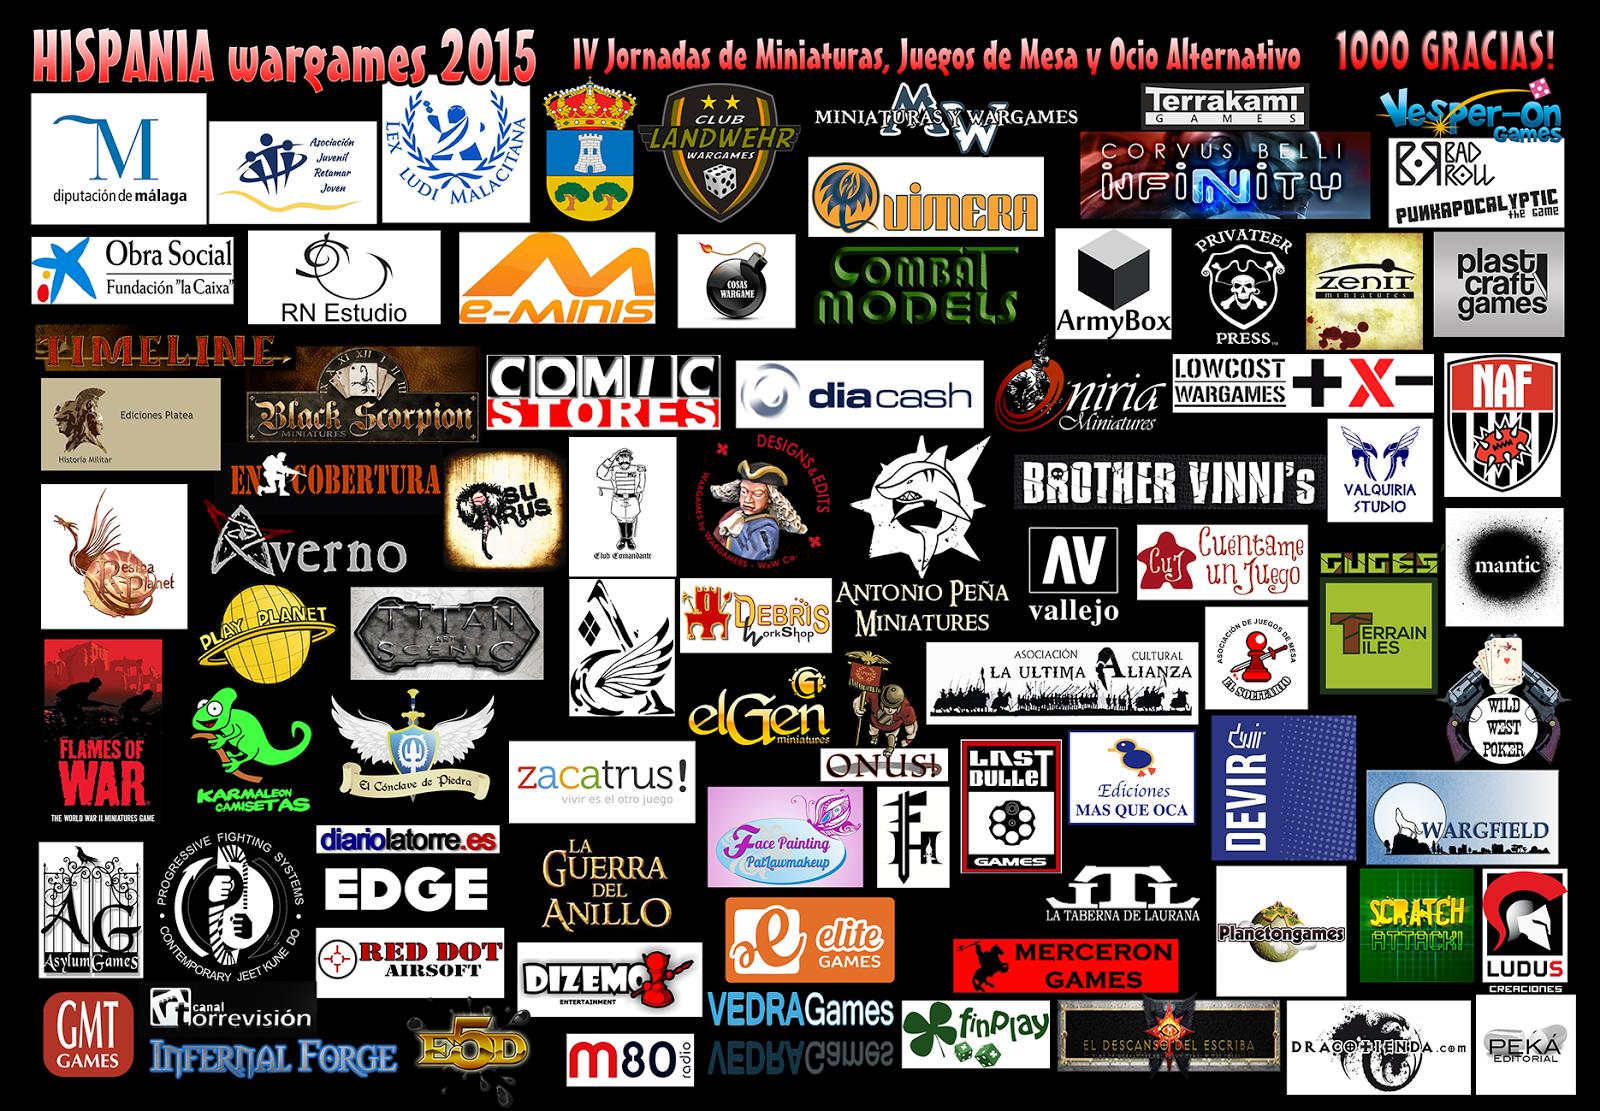 colaboradoras de HISPANIA wargames 2015